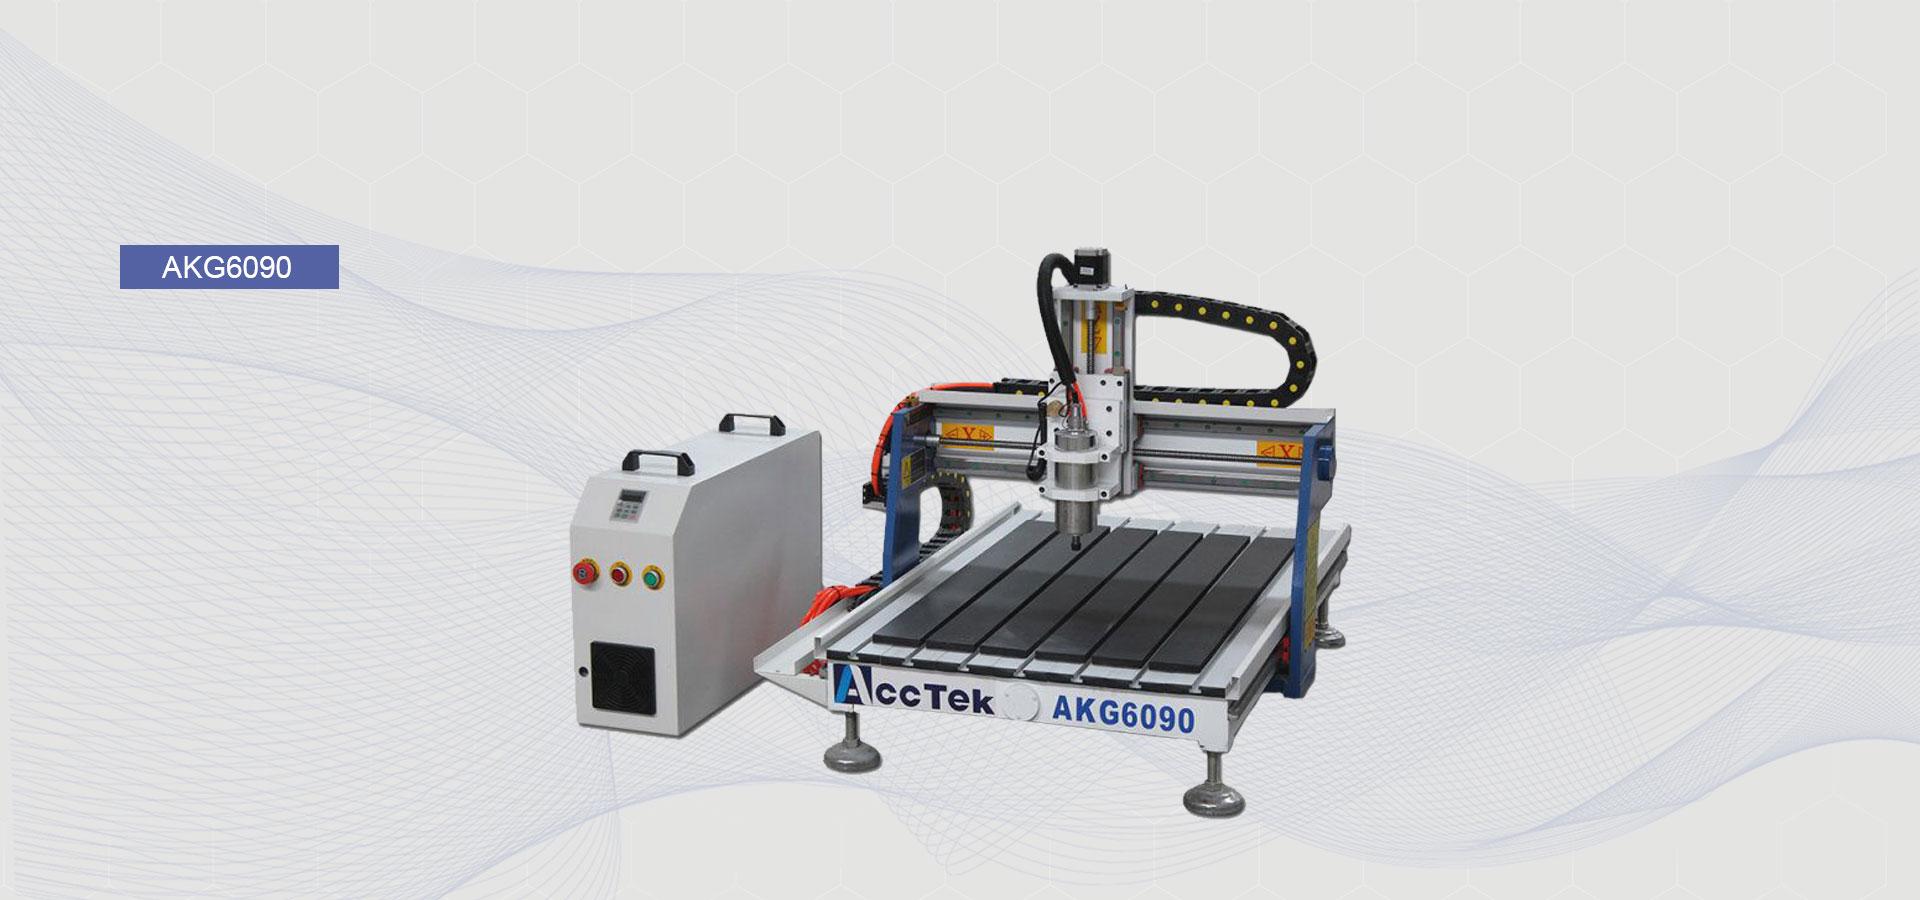 AKG6090